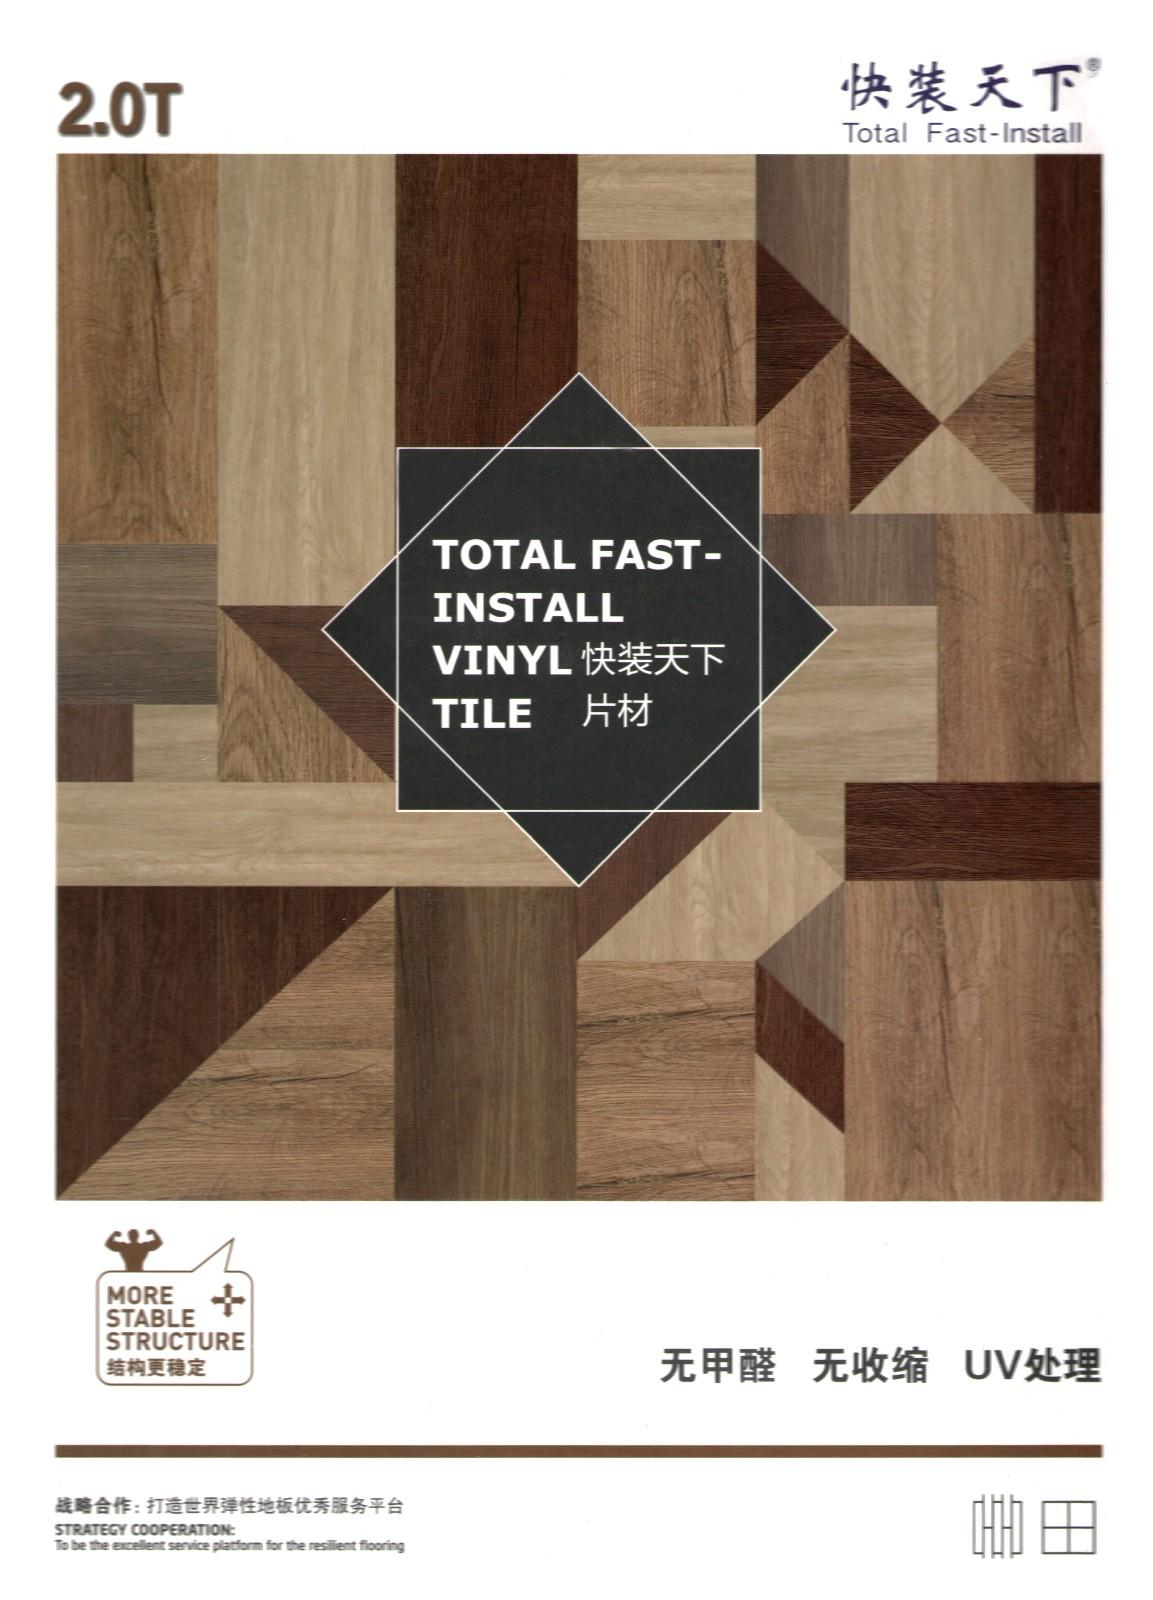 大巨龙快装天下PVC地板|大巨龙系列-陕西棋牌挣钱建材有限责任公司